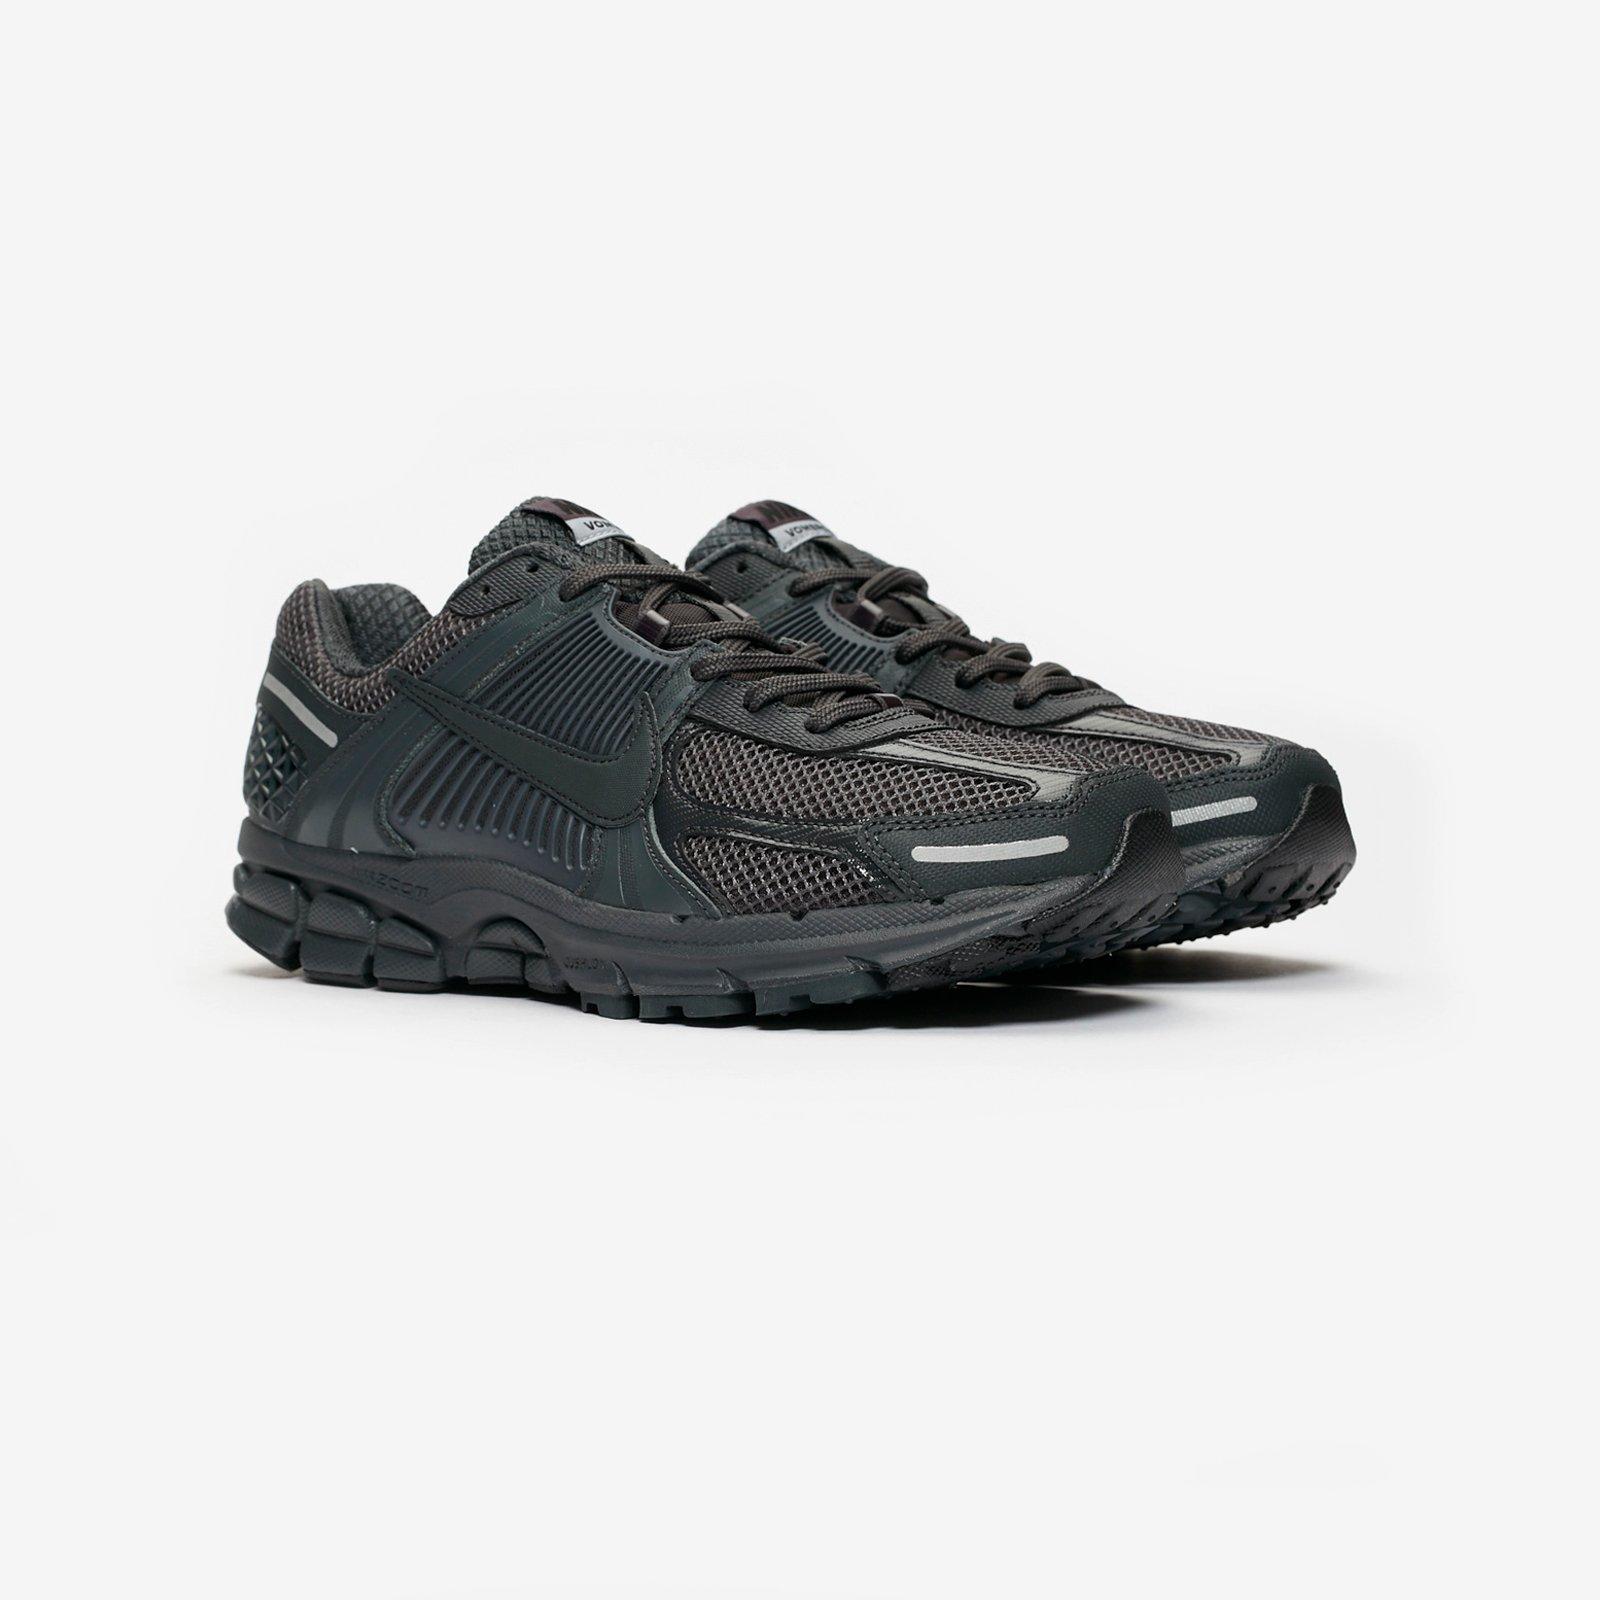 cascante ricevuta angolo  Nike Zoom Vomero 5 SP - Bv1358-002 - Sneakersnstuff | sneakers & streetwear  på nätet sen 1999